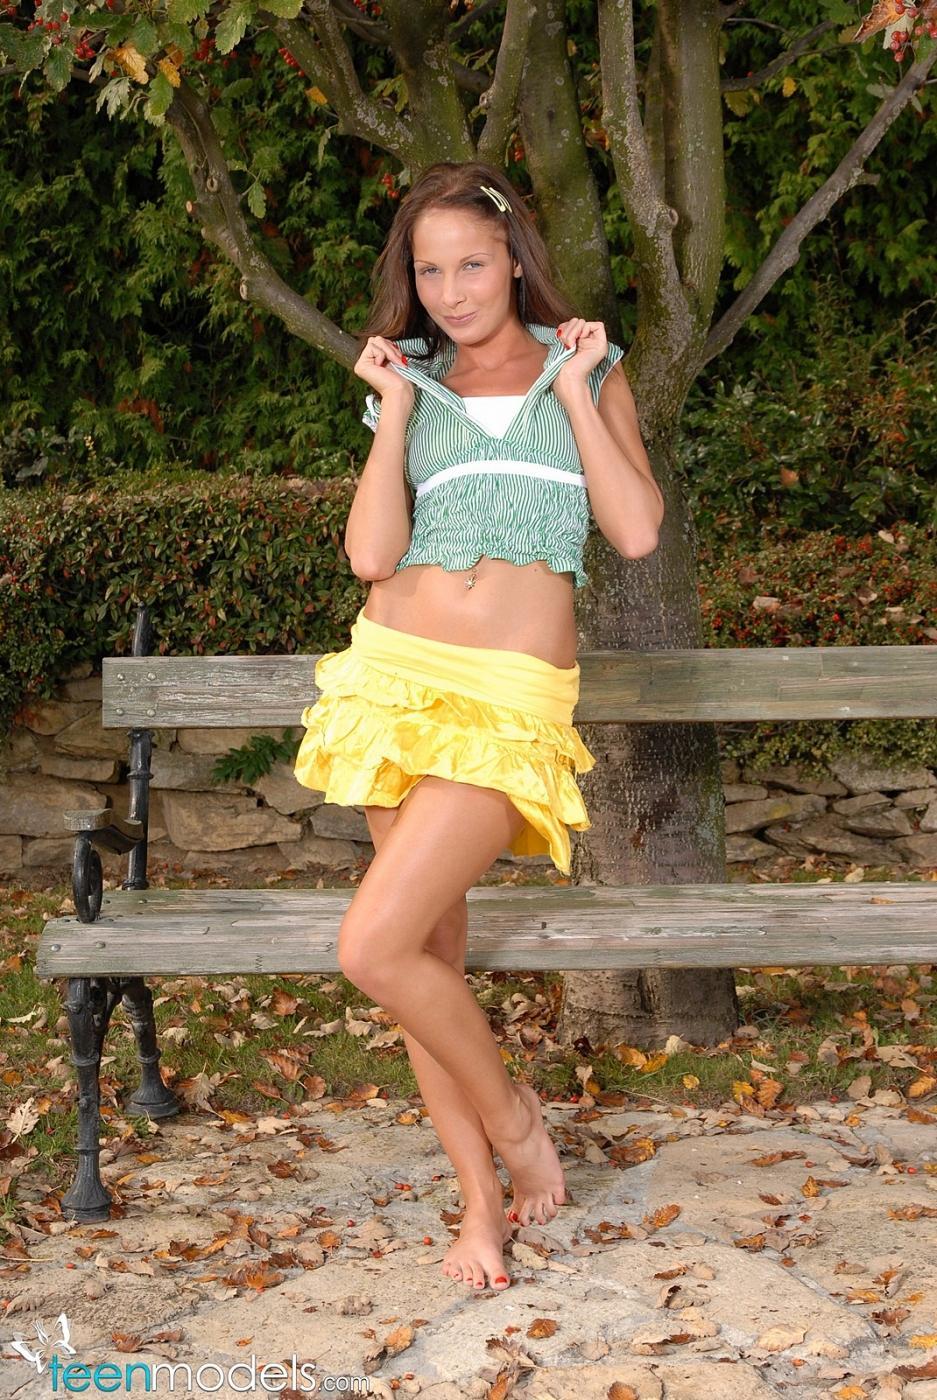 Молоденькая барышня с шикарной задницей Lauren May снимает юбочку с трусиками, а потом занимается фистингом